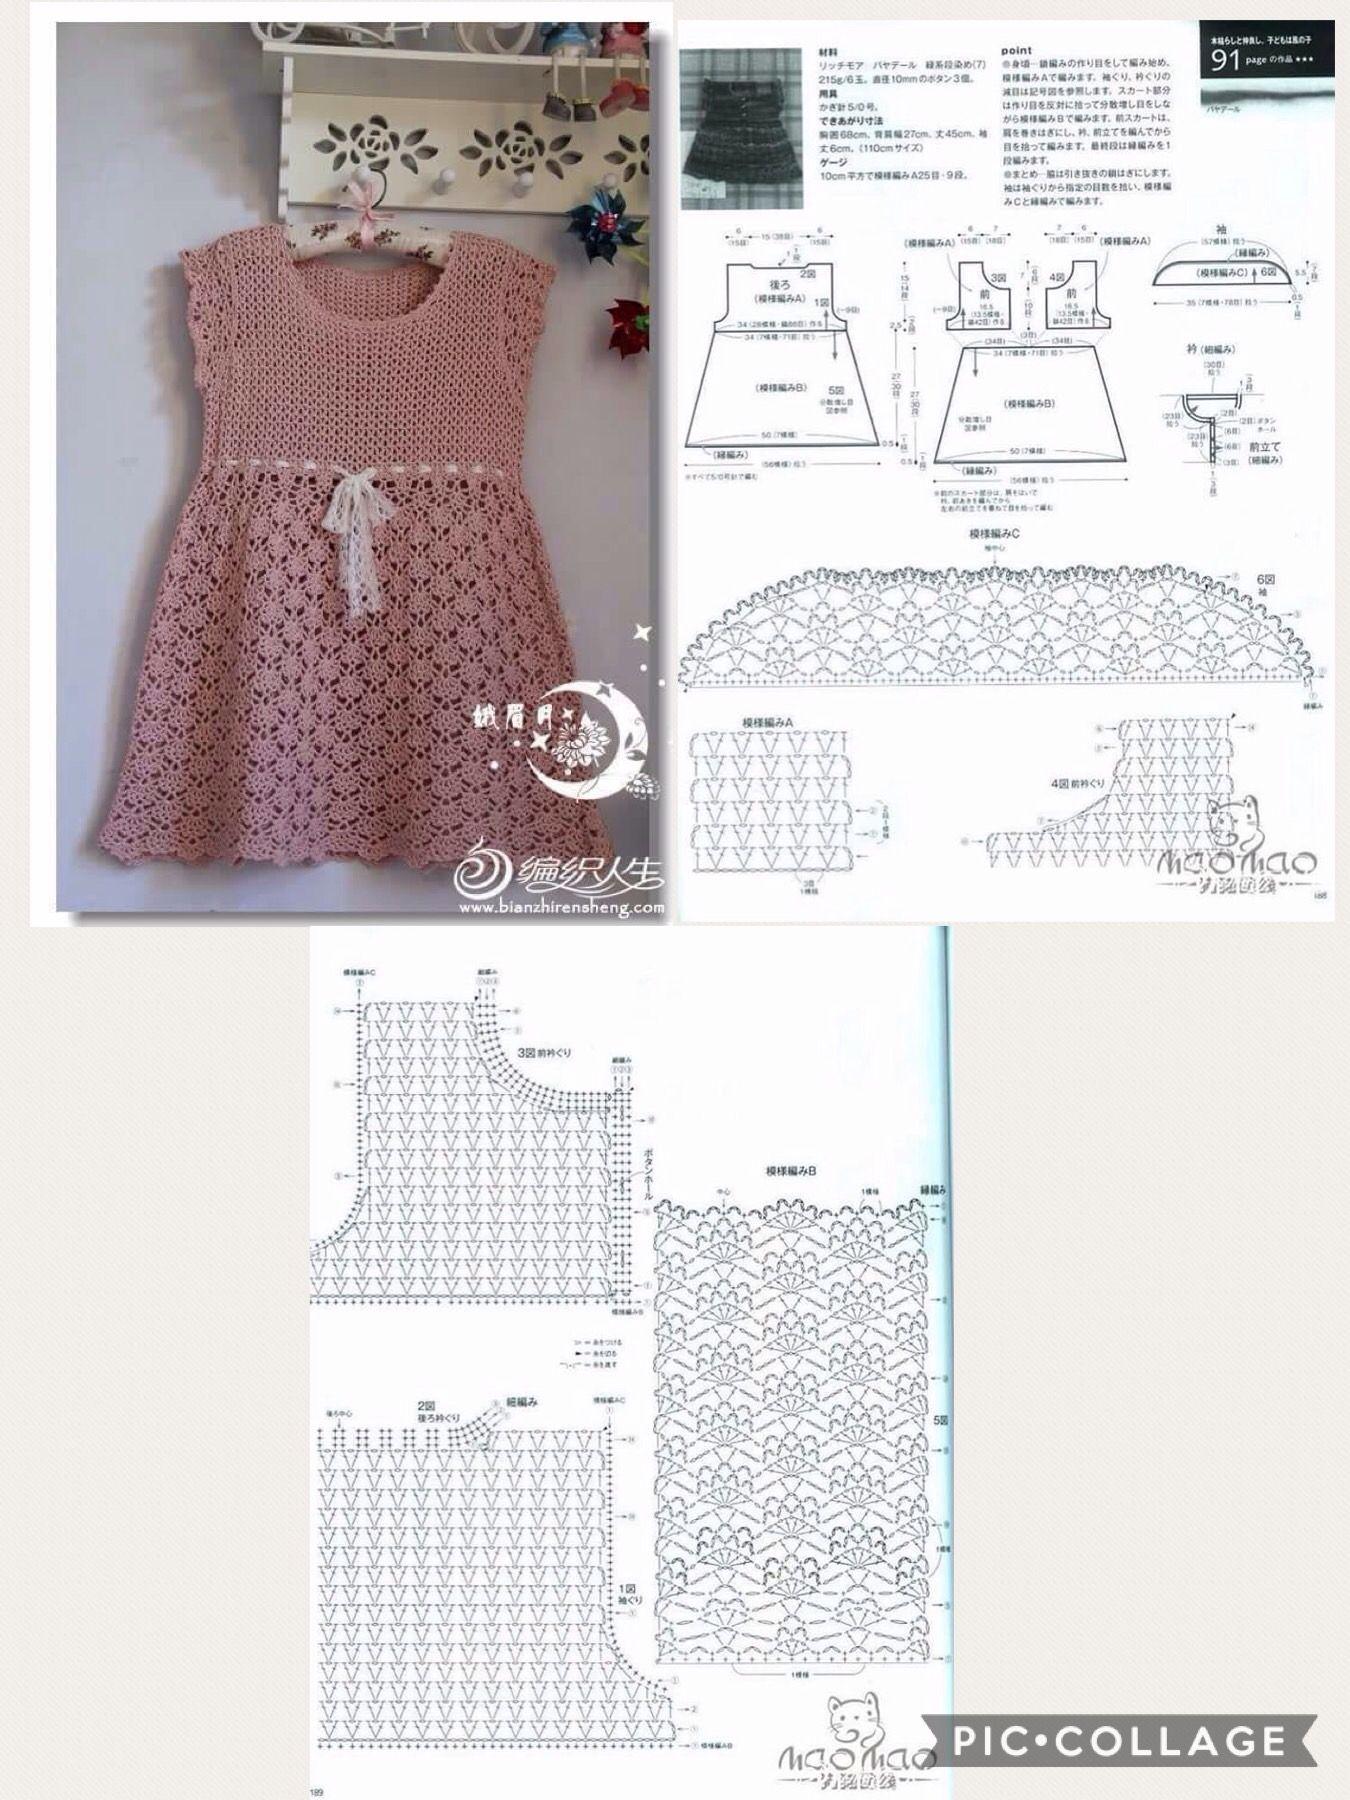 Pin de Natividad Rodriguez en Crochet | Pinterest | Croché ...